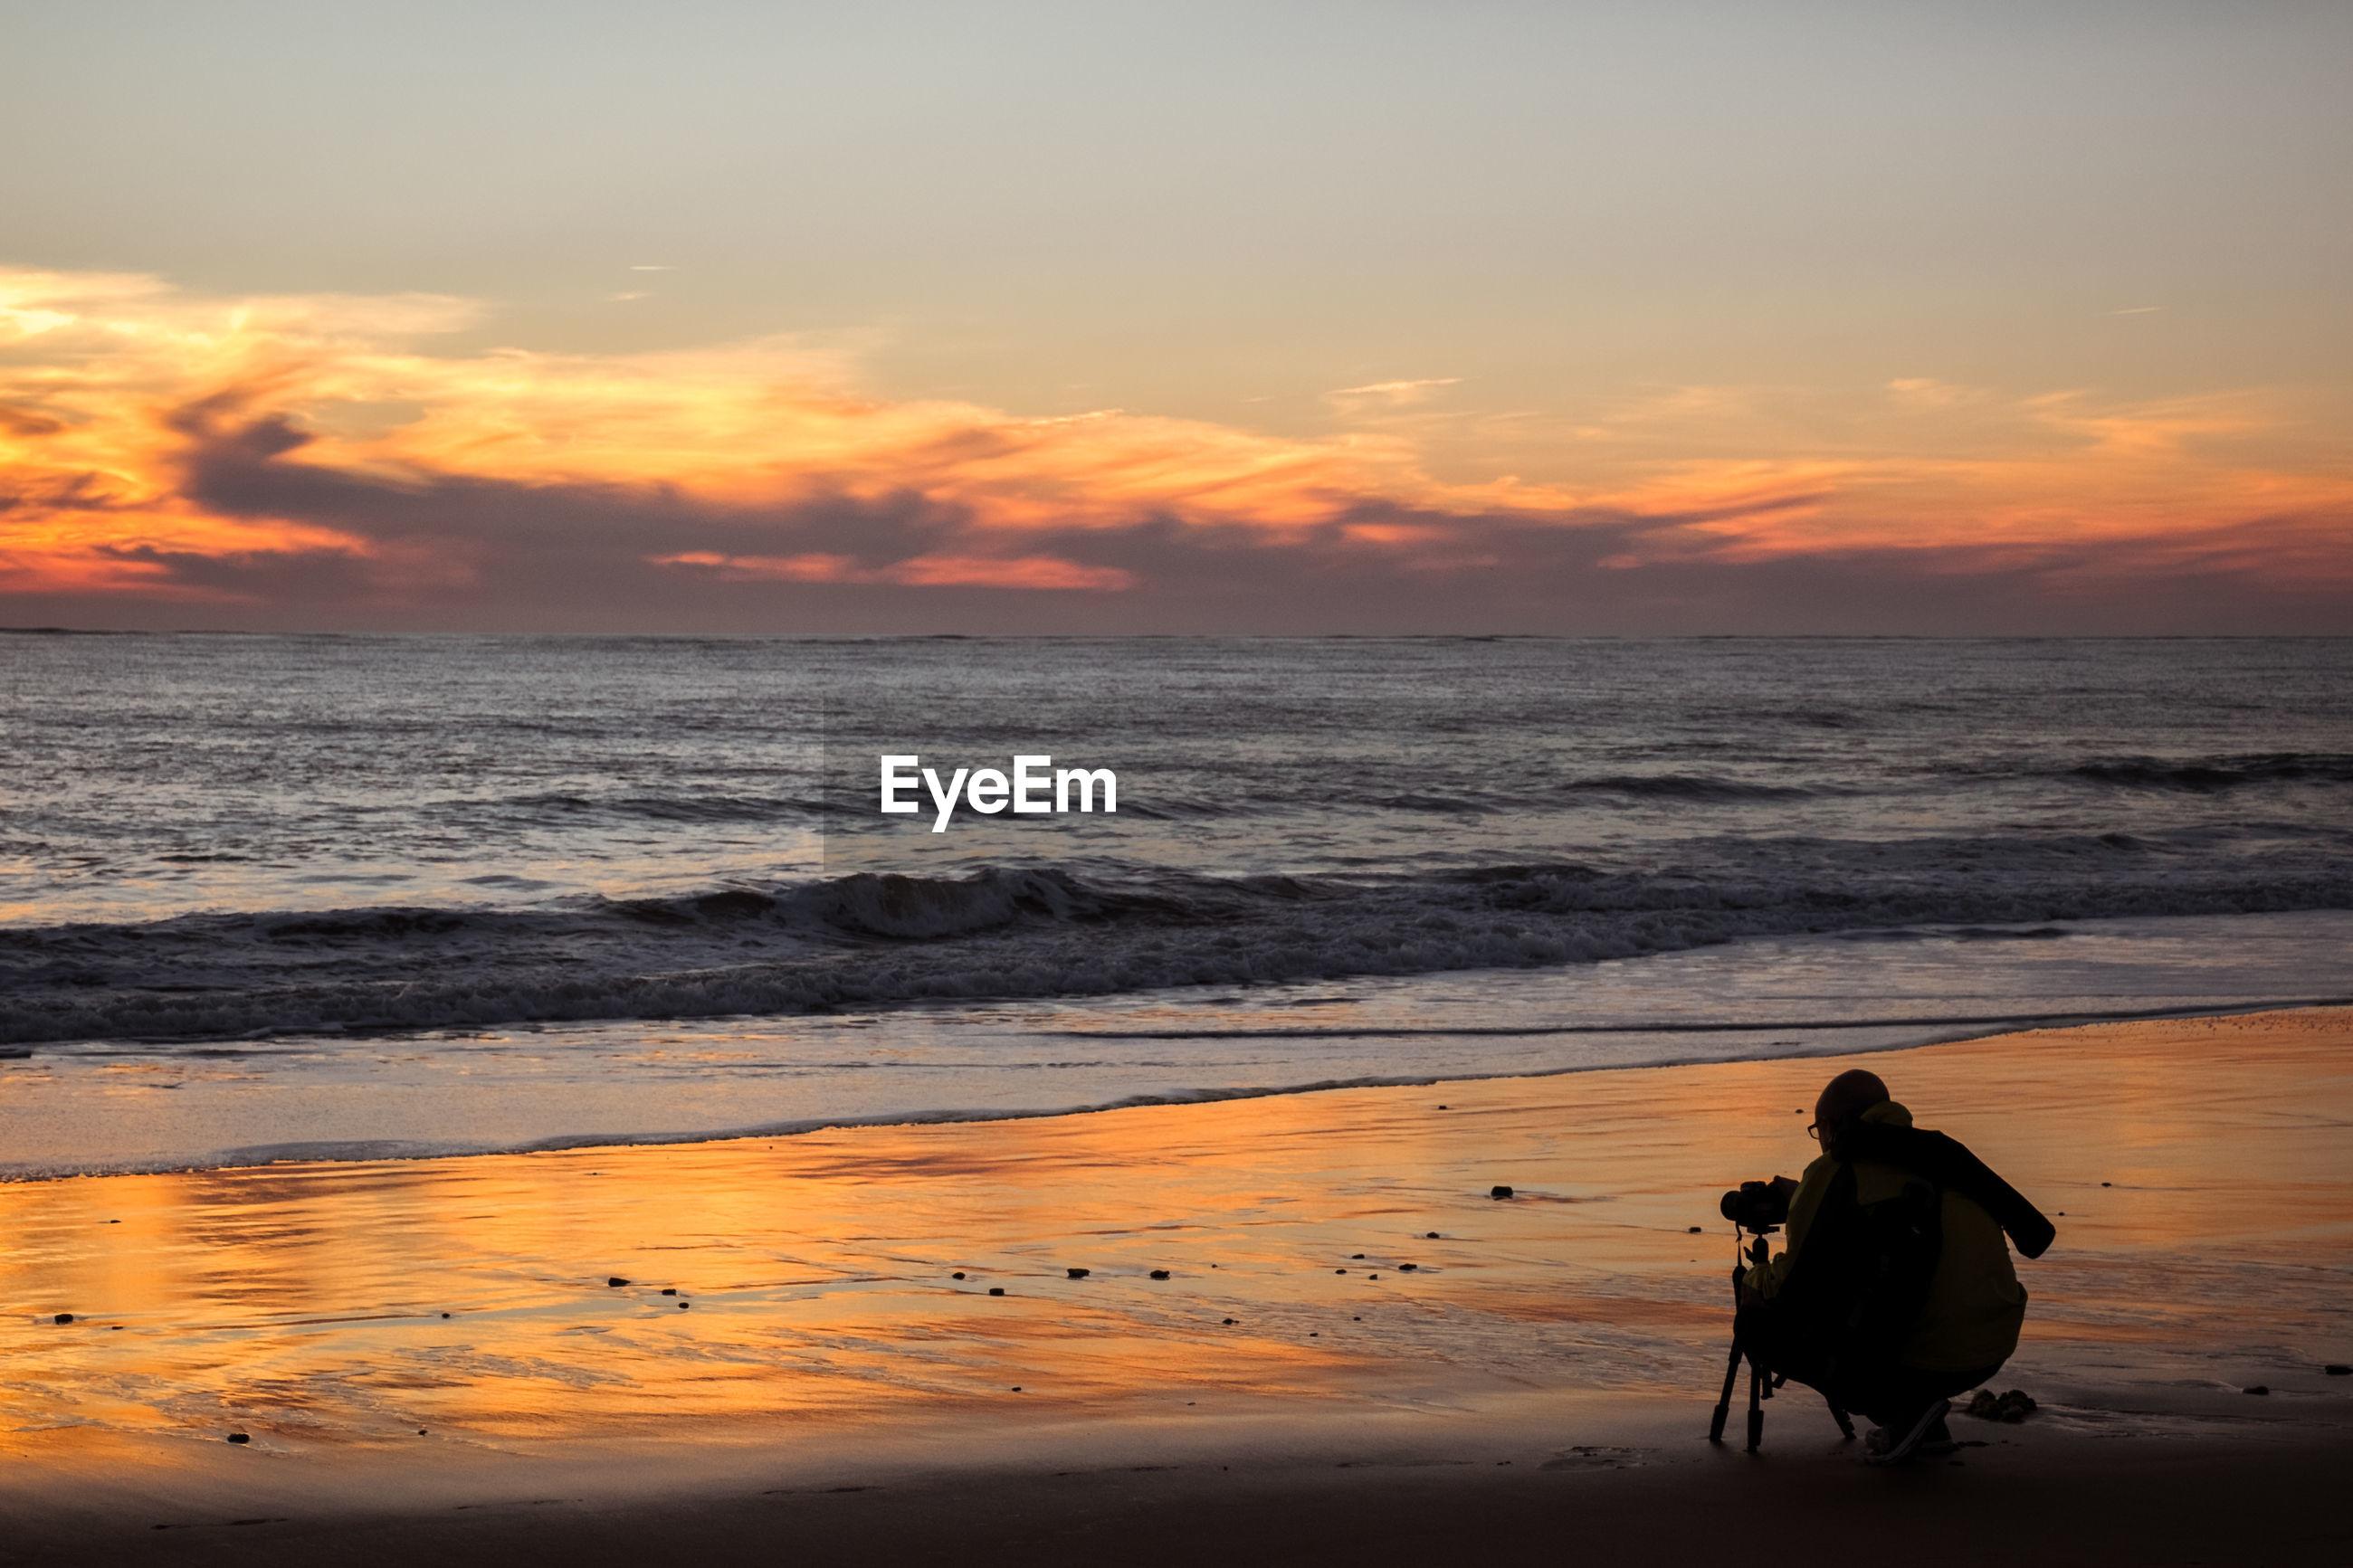 MAN ON BEACH AGAINST SUNSET SKY